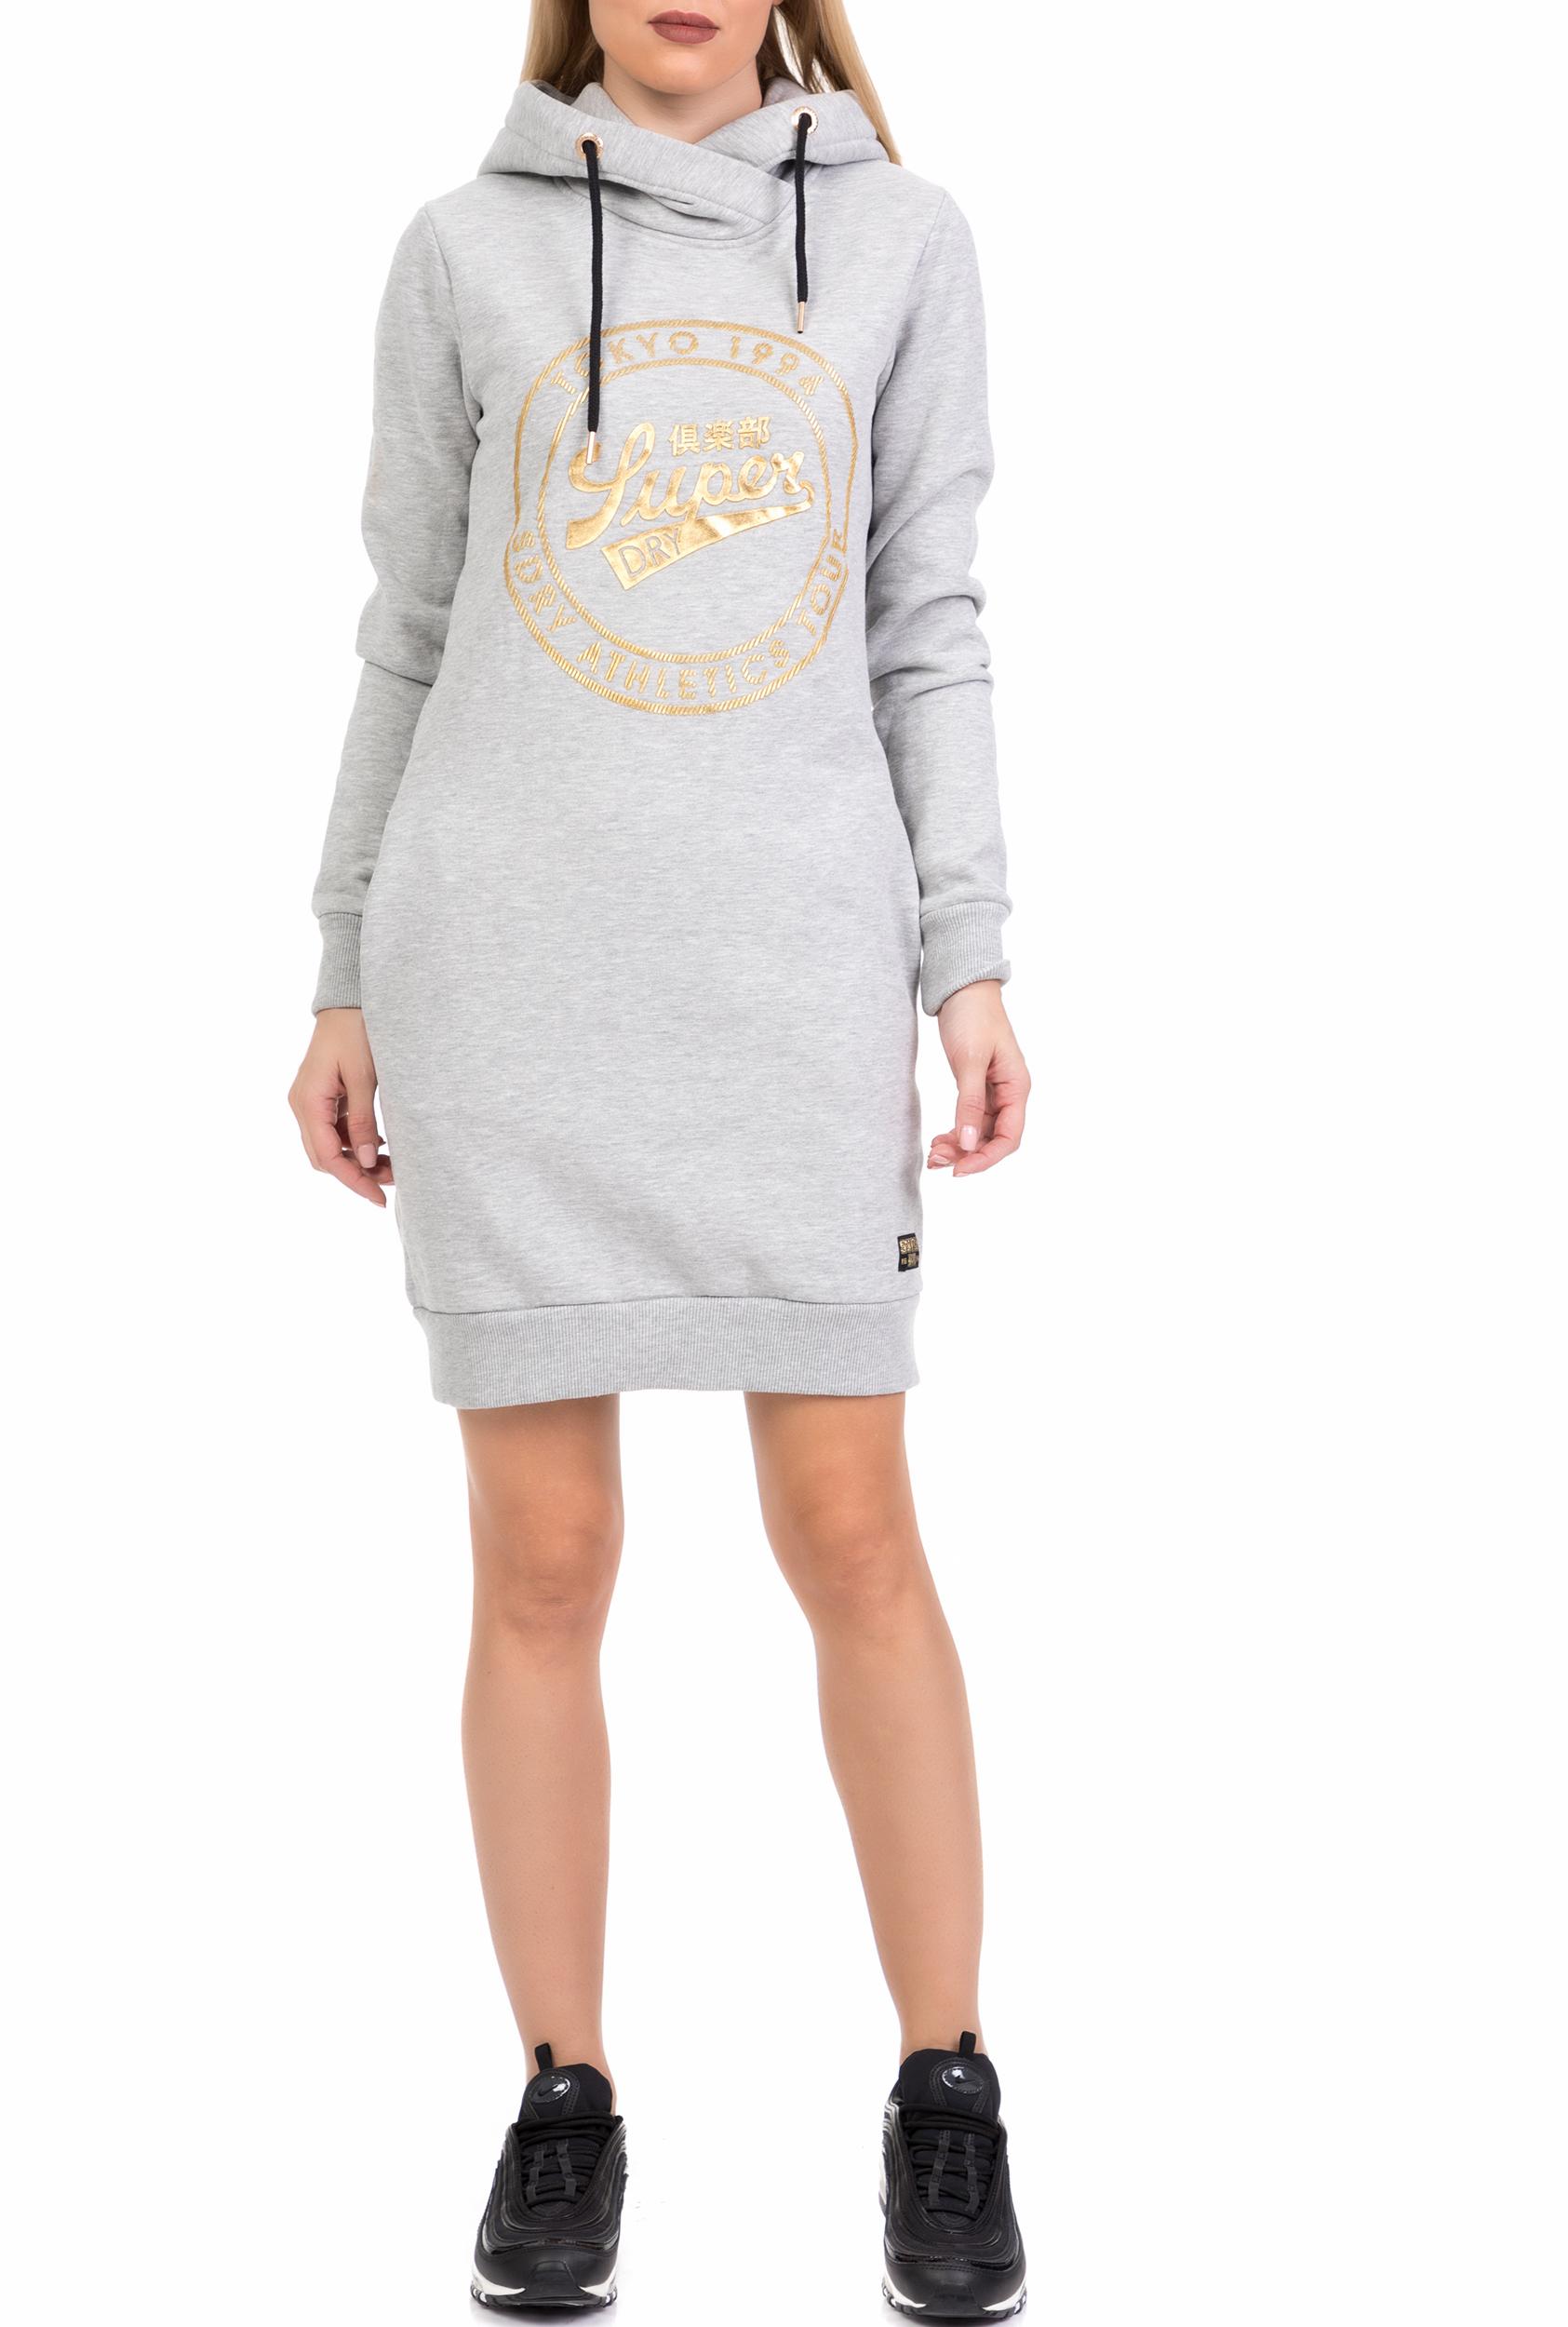 9df213b3b0e9 Superdry - Γυναικεία Φορέματα - Ακριβότερα Προϊόντα   Outfit.gr